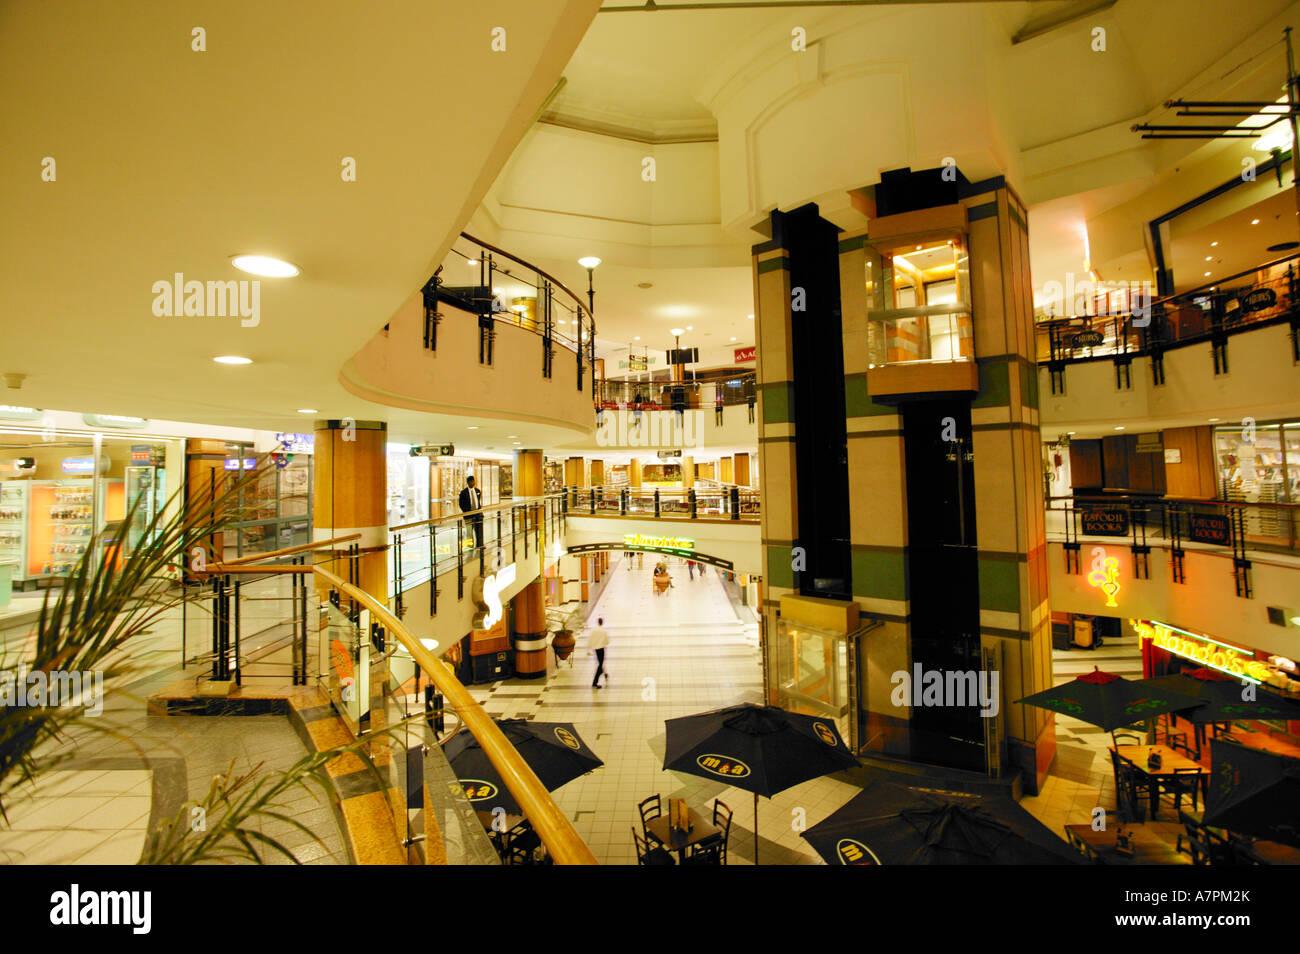 Circuito Aberto : Shopping interior em sandton mostrando uma área de restaurante e um